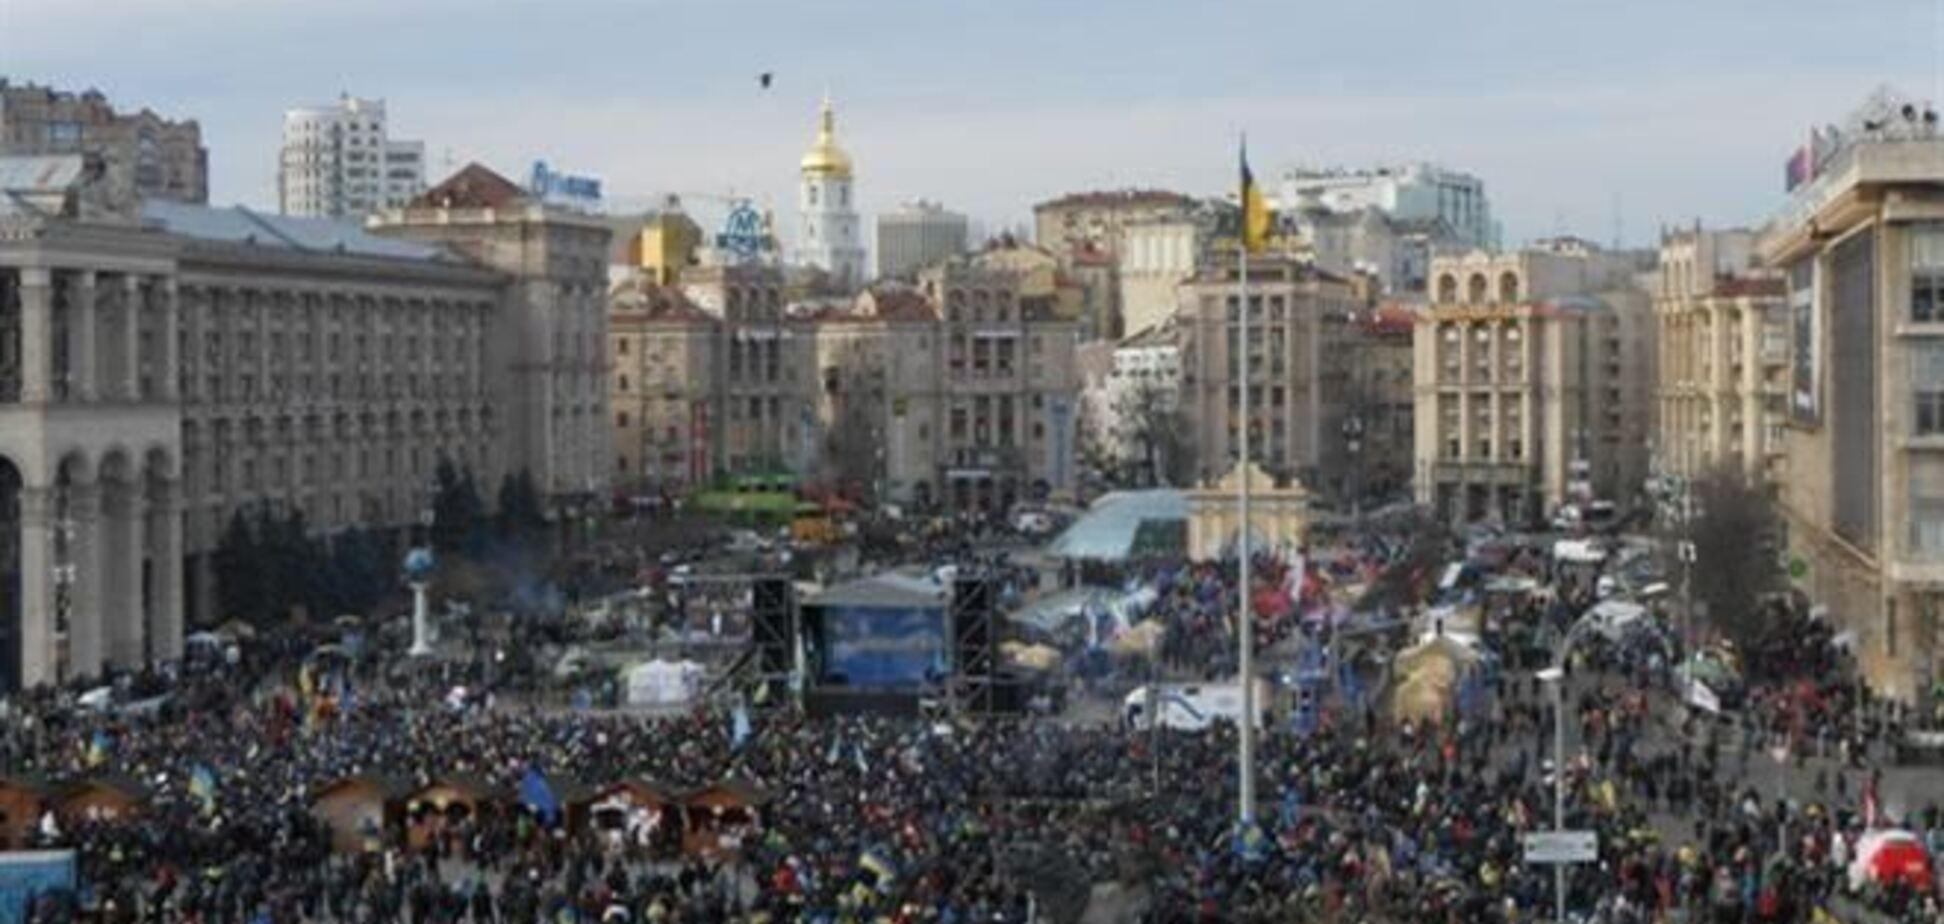 Милиция насчитала 10 тысяч евромайдановцев в Киеве